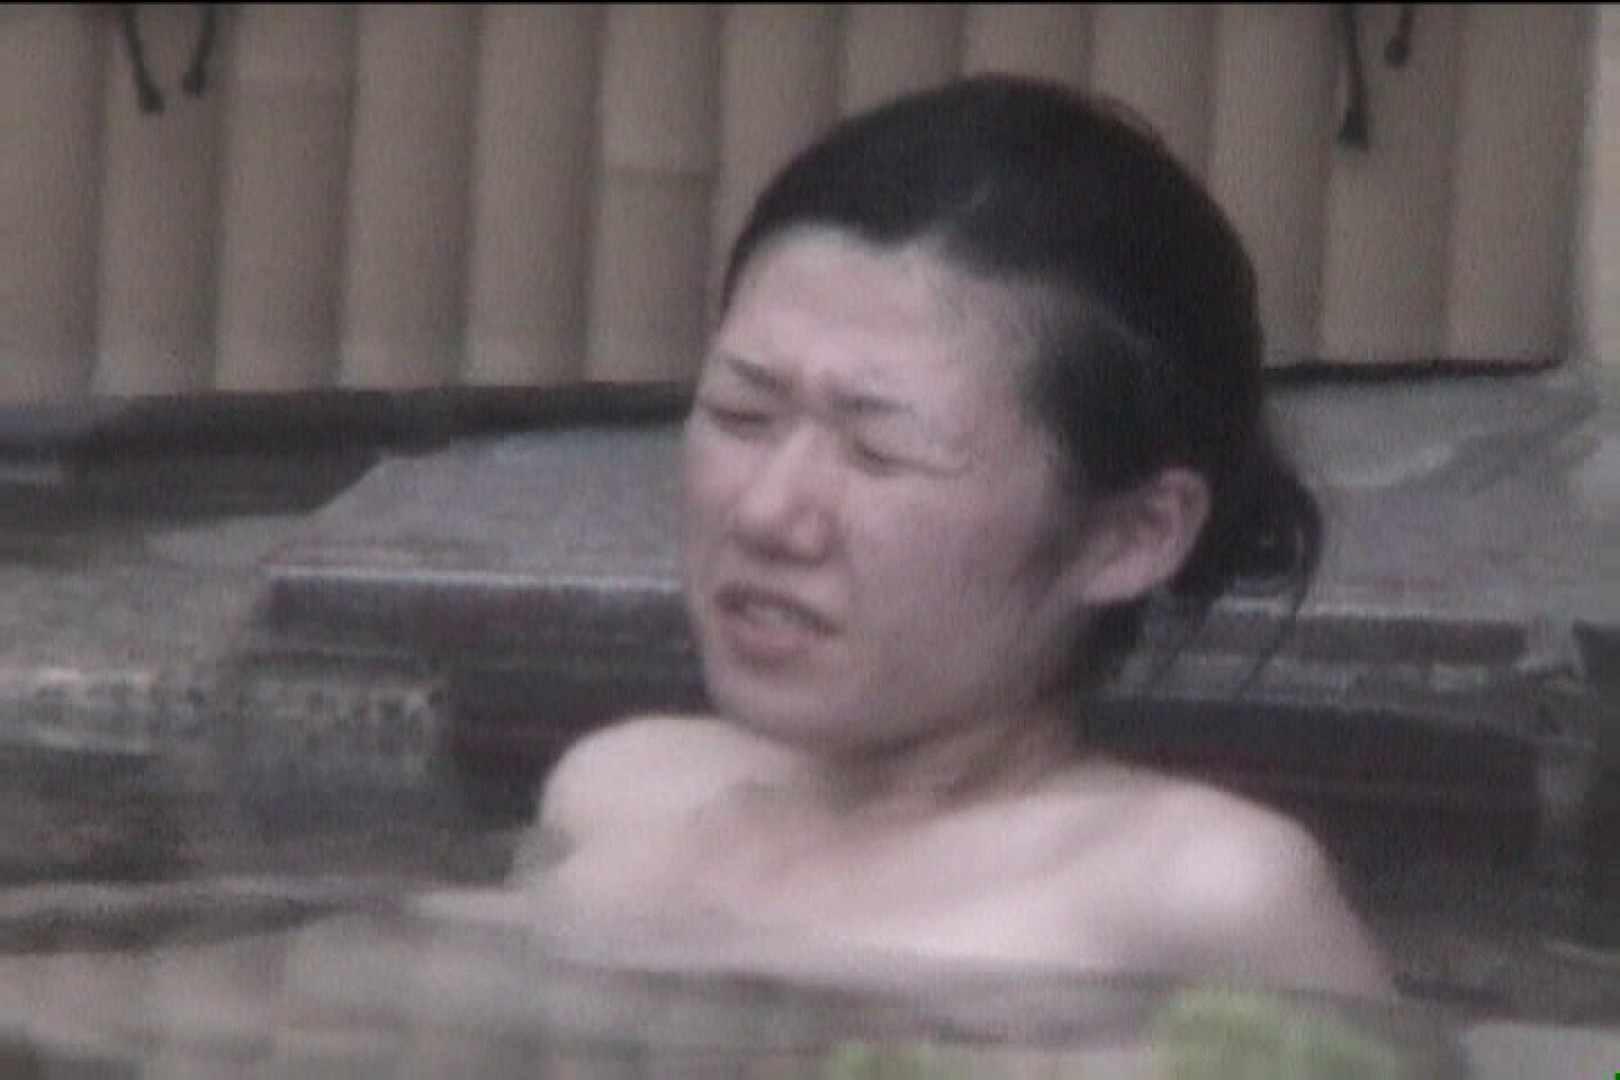 Aquaな露天風呂Vol.93【VIP限定】 盗撮シリーズ  76PIX 66